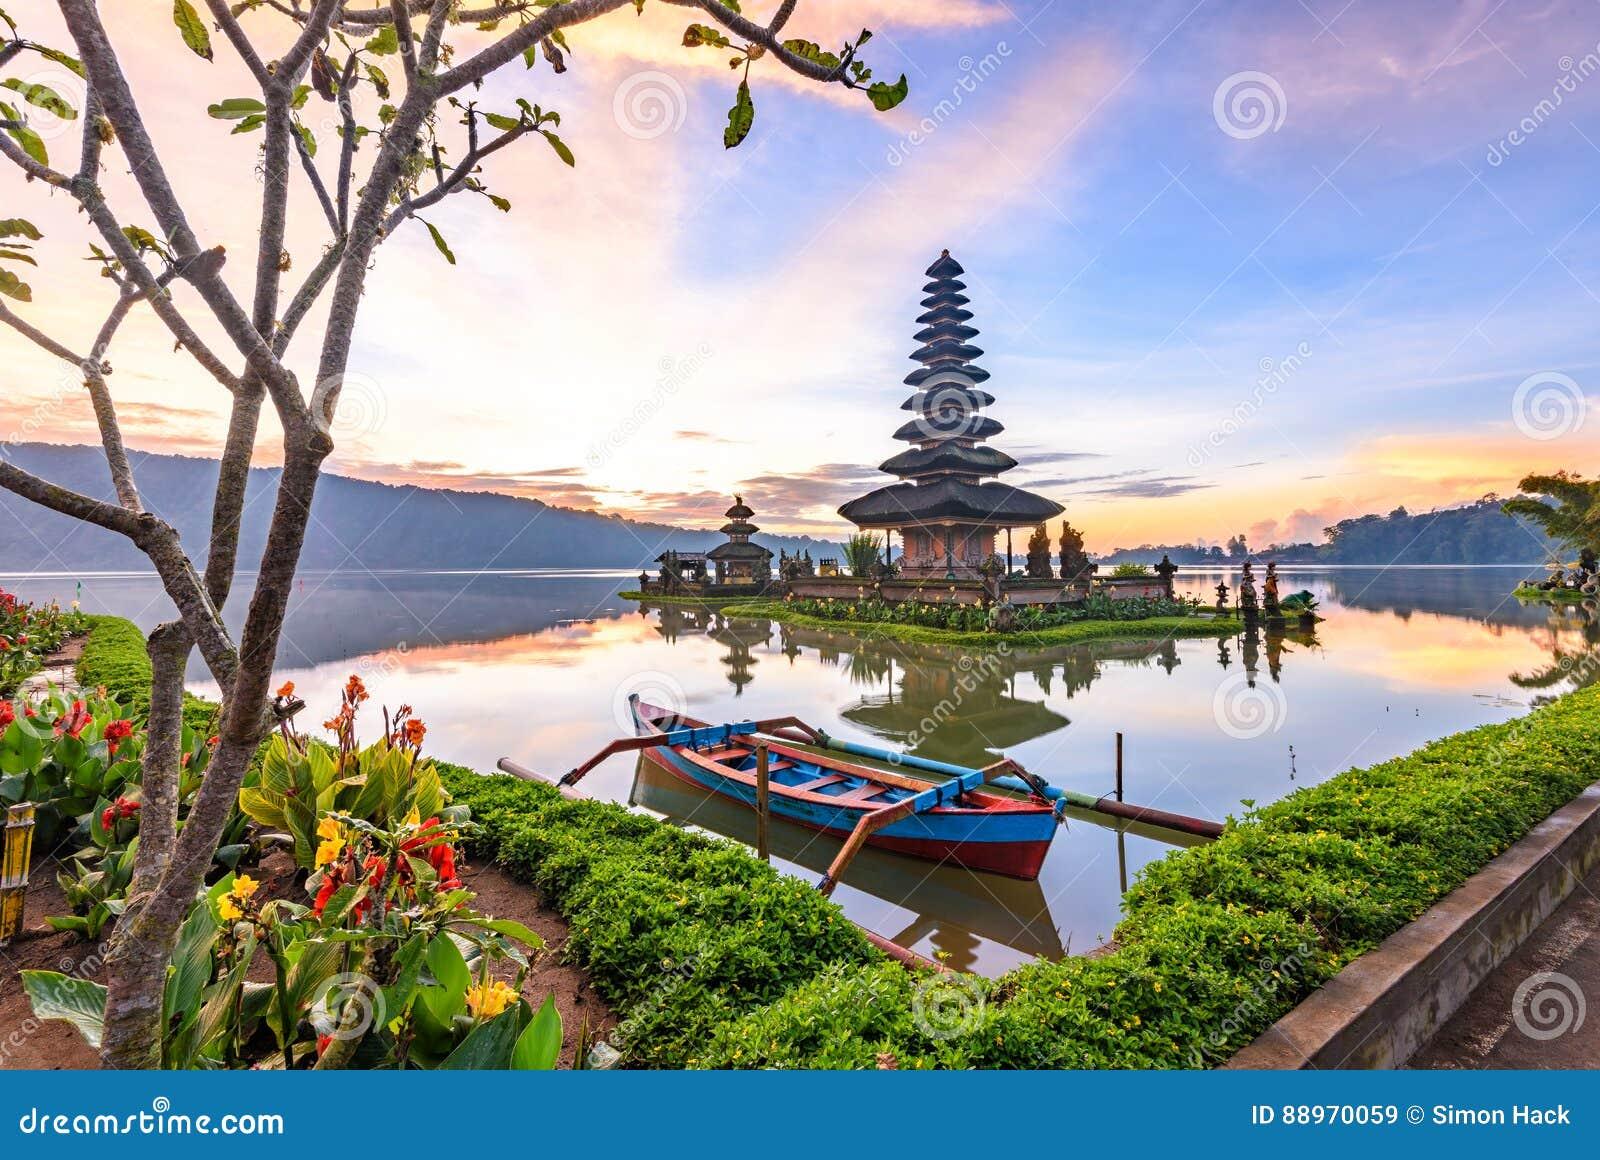 Templo de Pura Ulun Danu Bratan en la isla de Bali en Indonesia 5